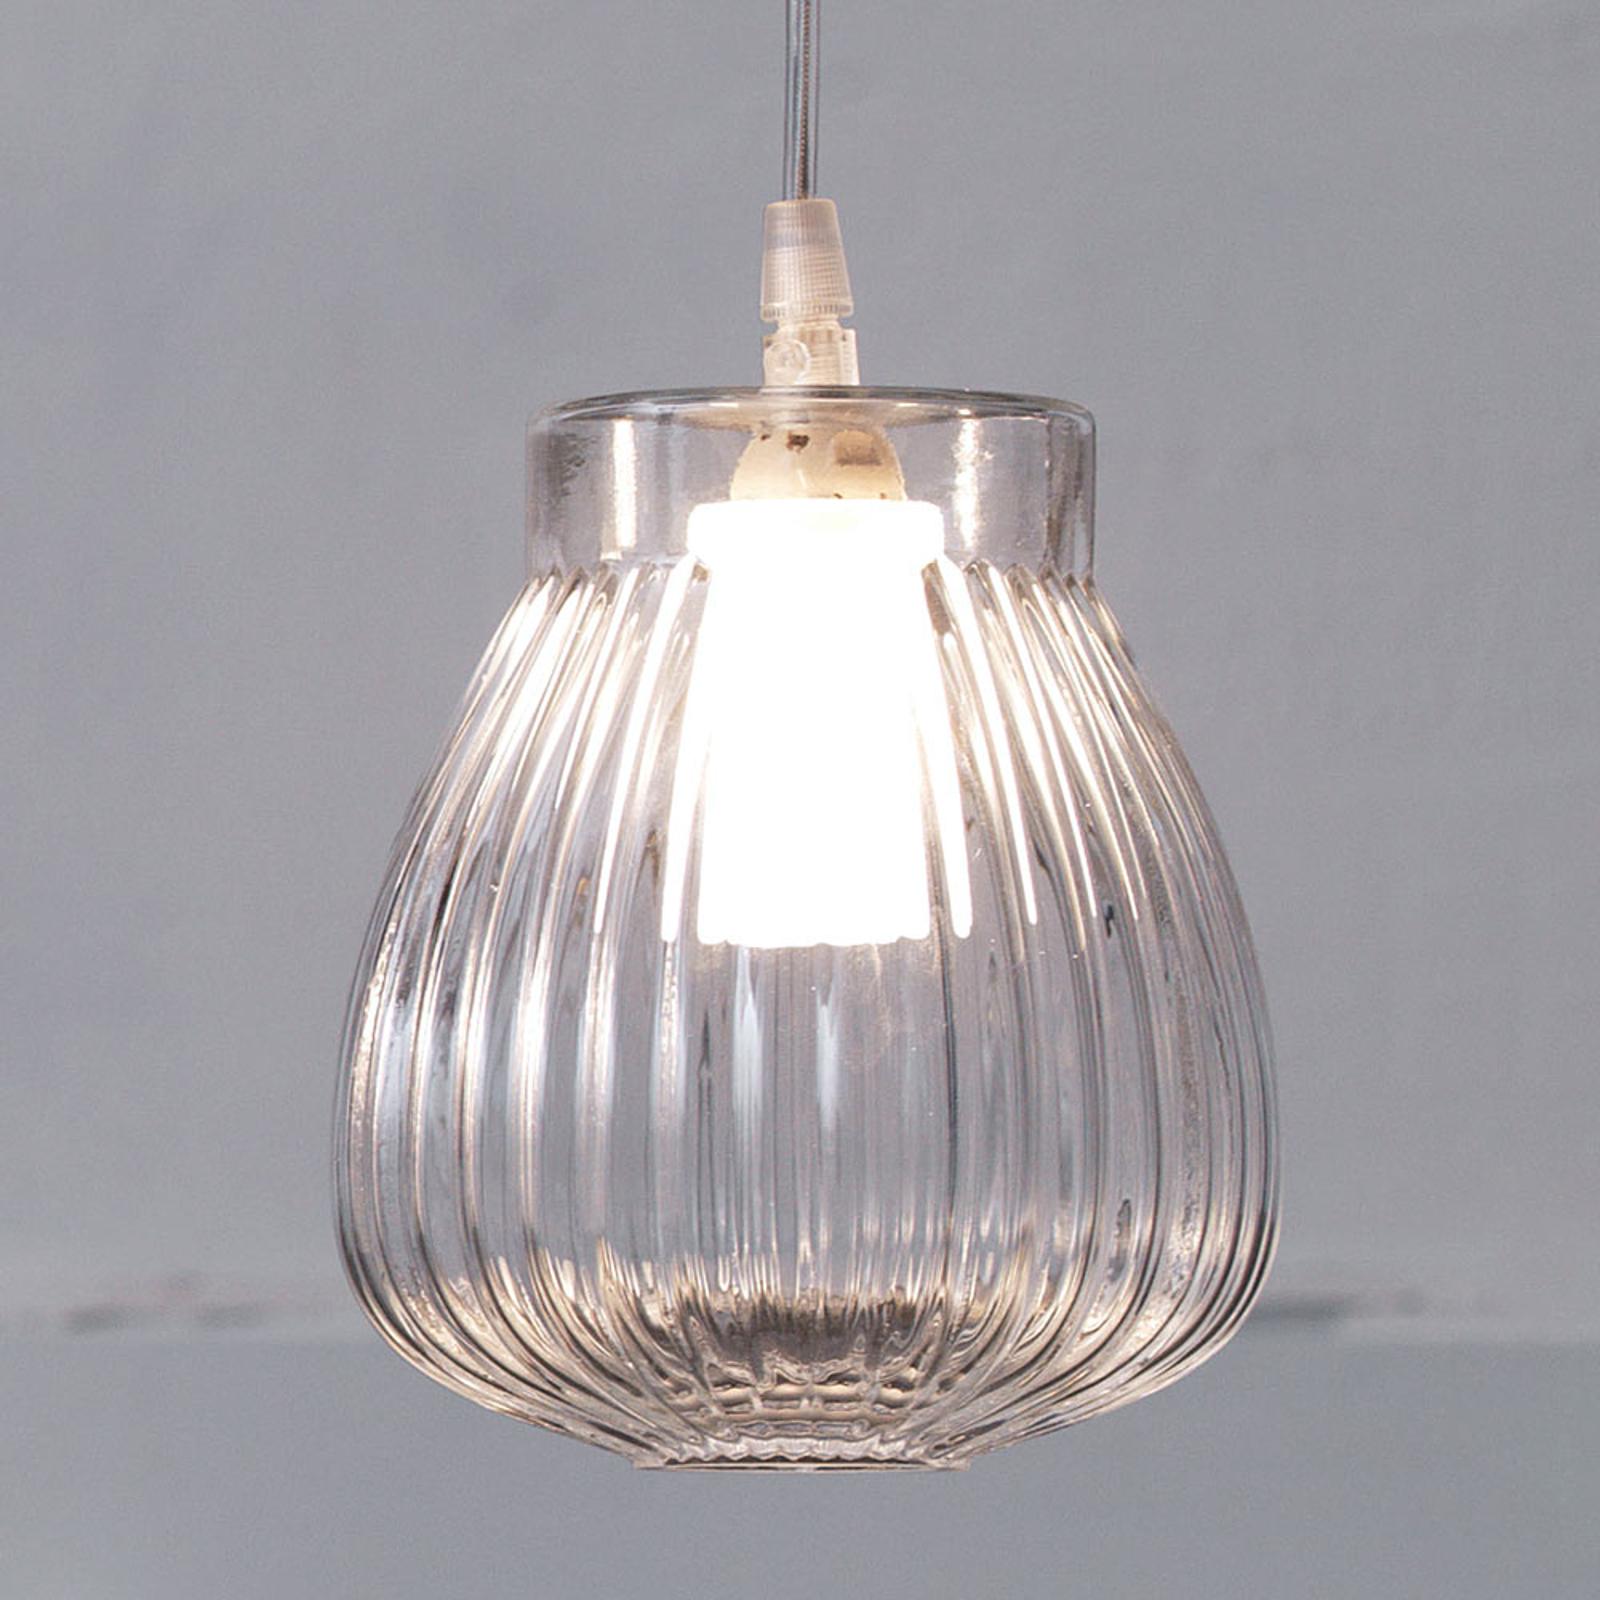 Lampa wisząca Ceraunavolta ze szklanym kloszem